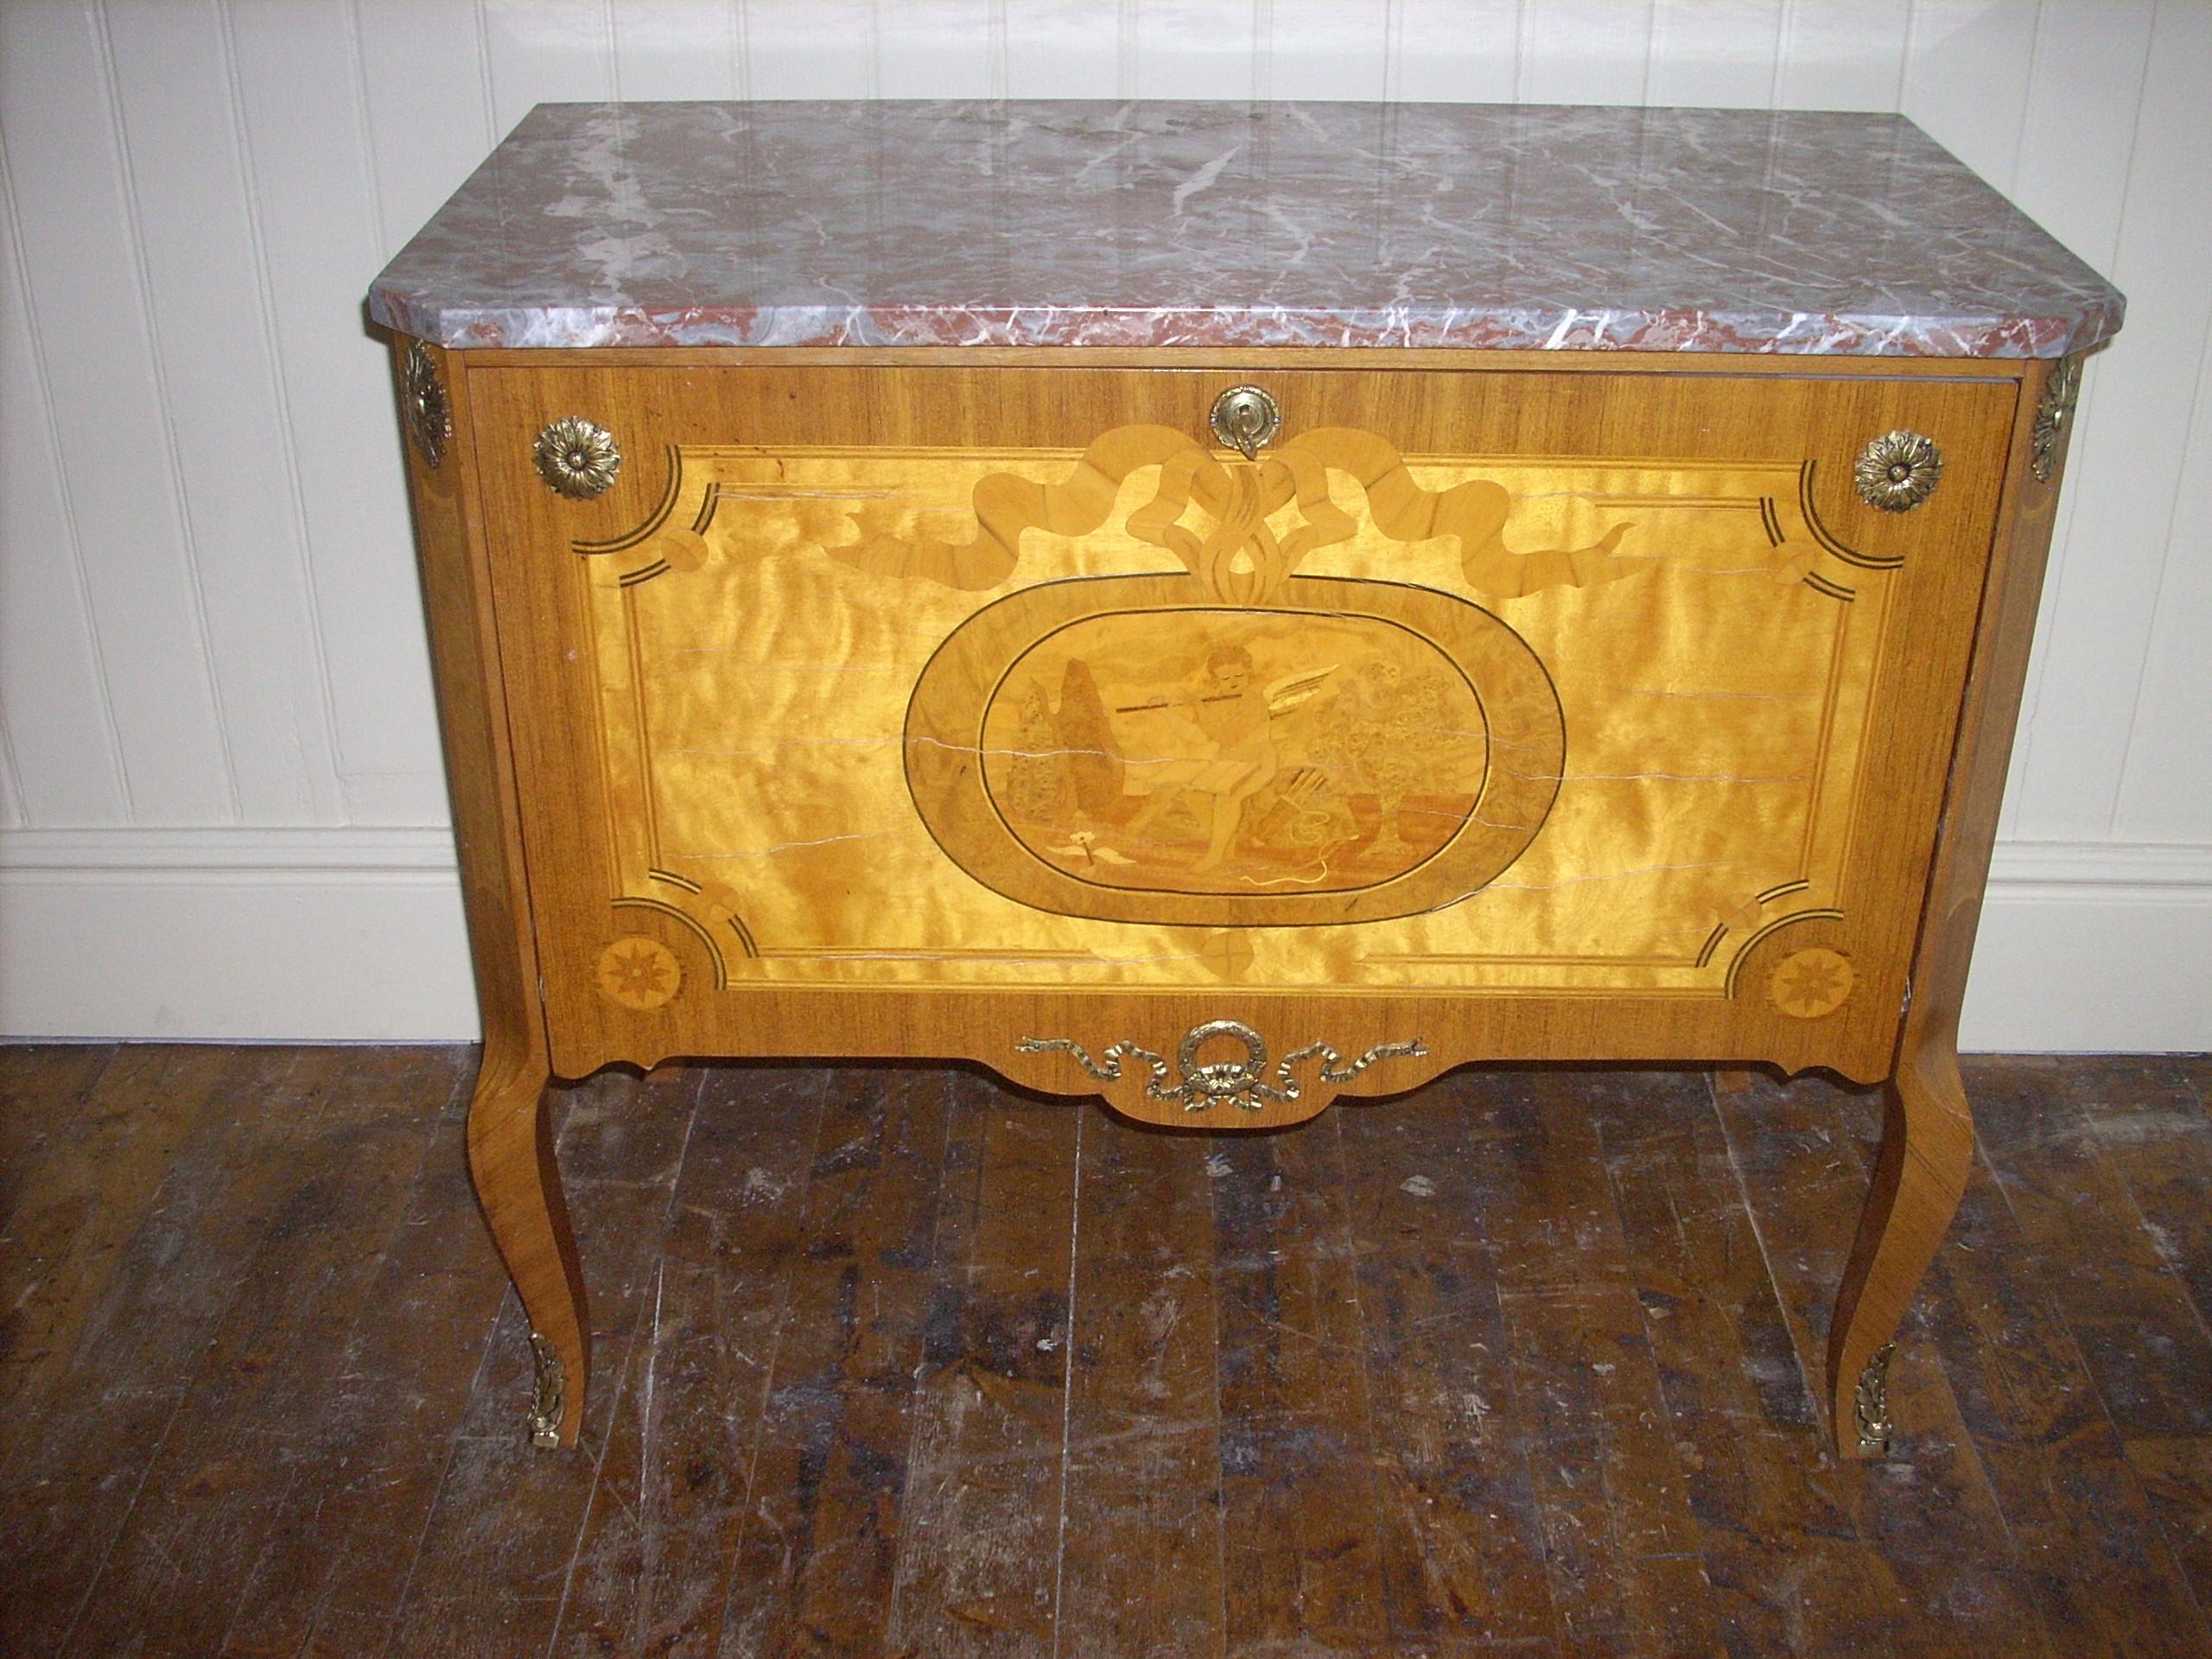 Auktion 8 november Arbrå Auktionshall